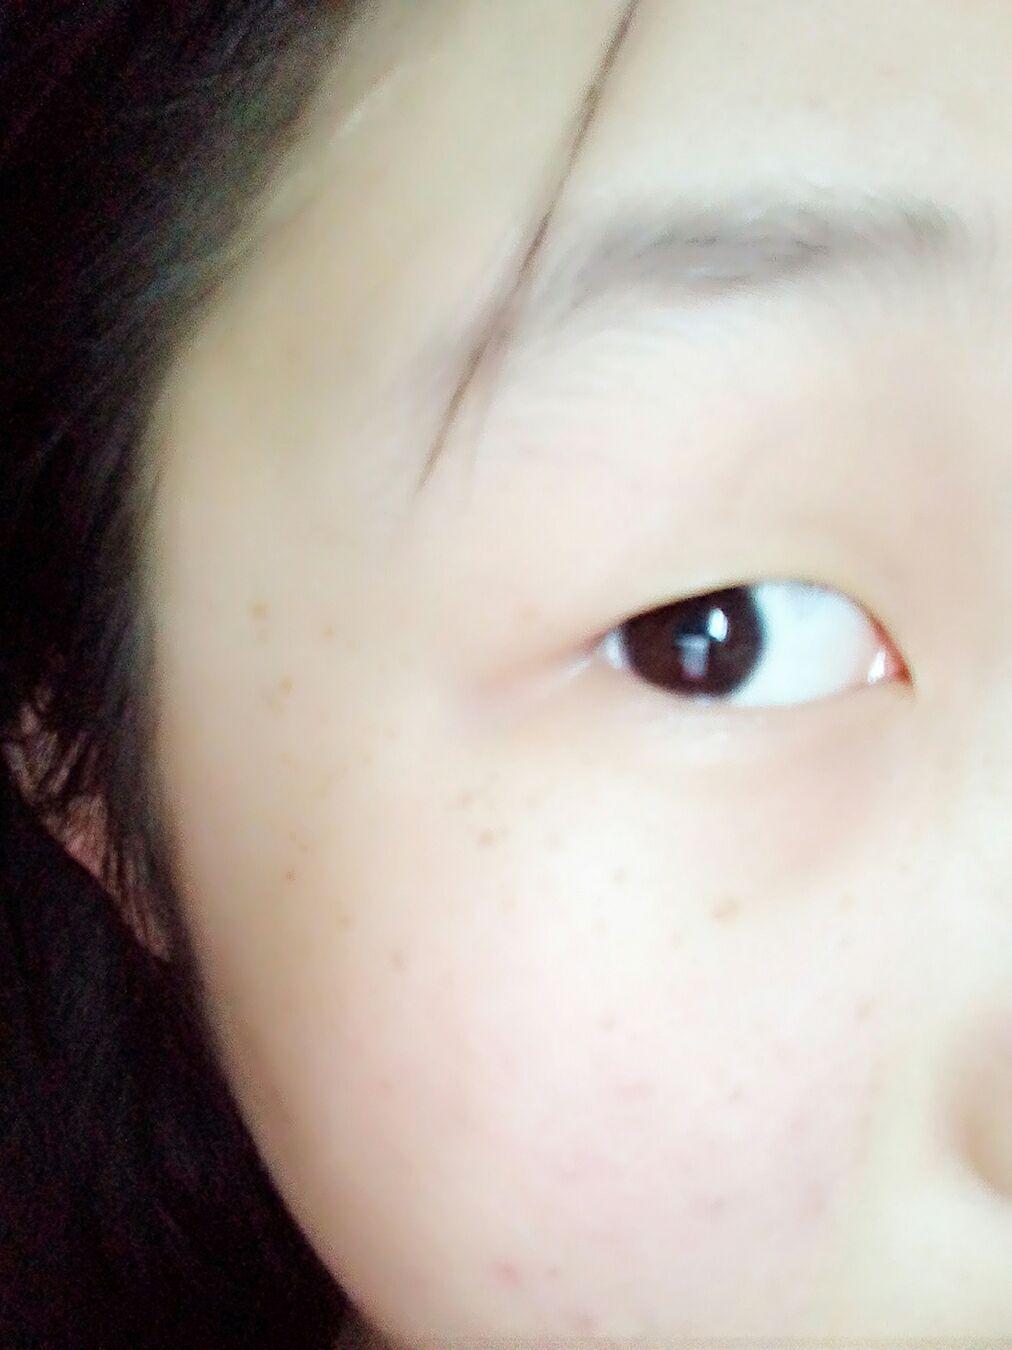 开眼角有什么好处,我的眼睛可以开眼角吗?